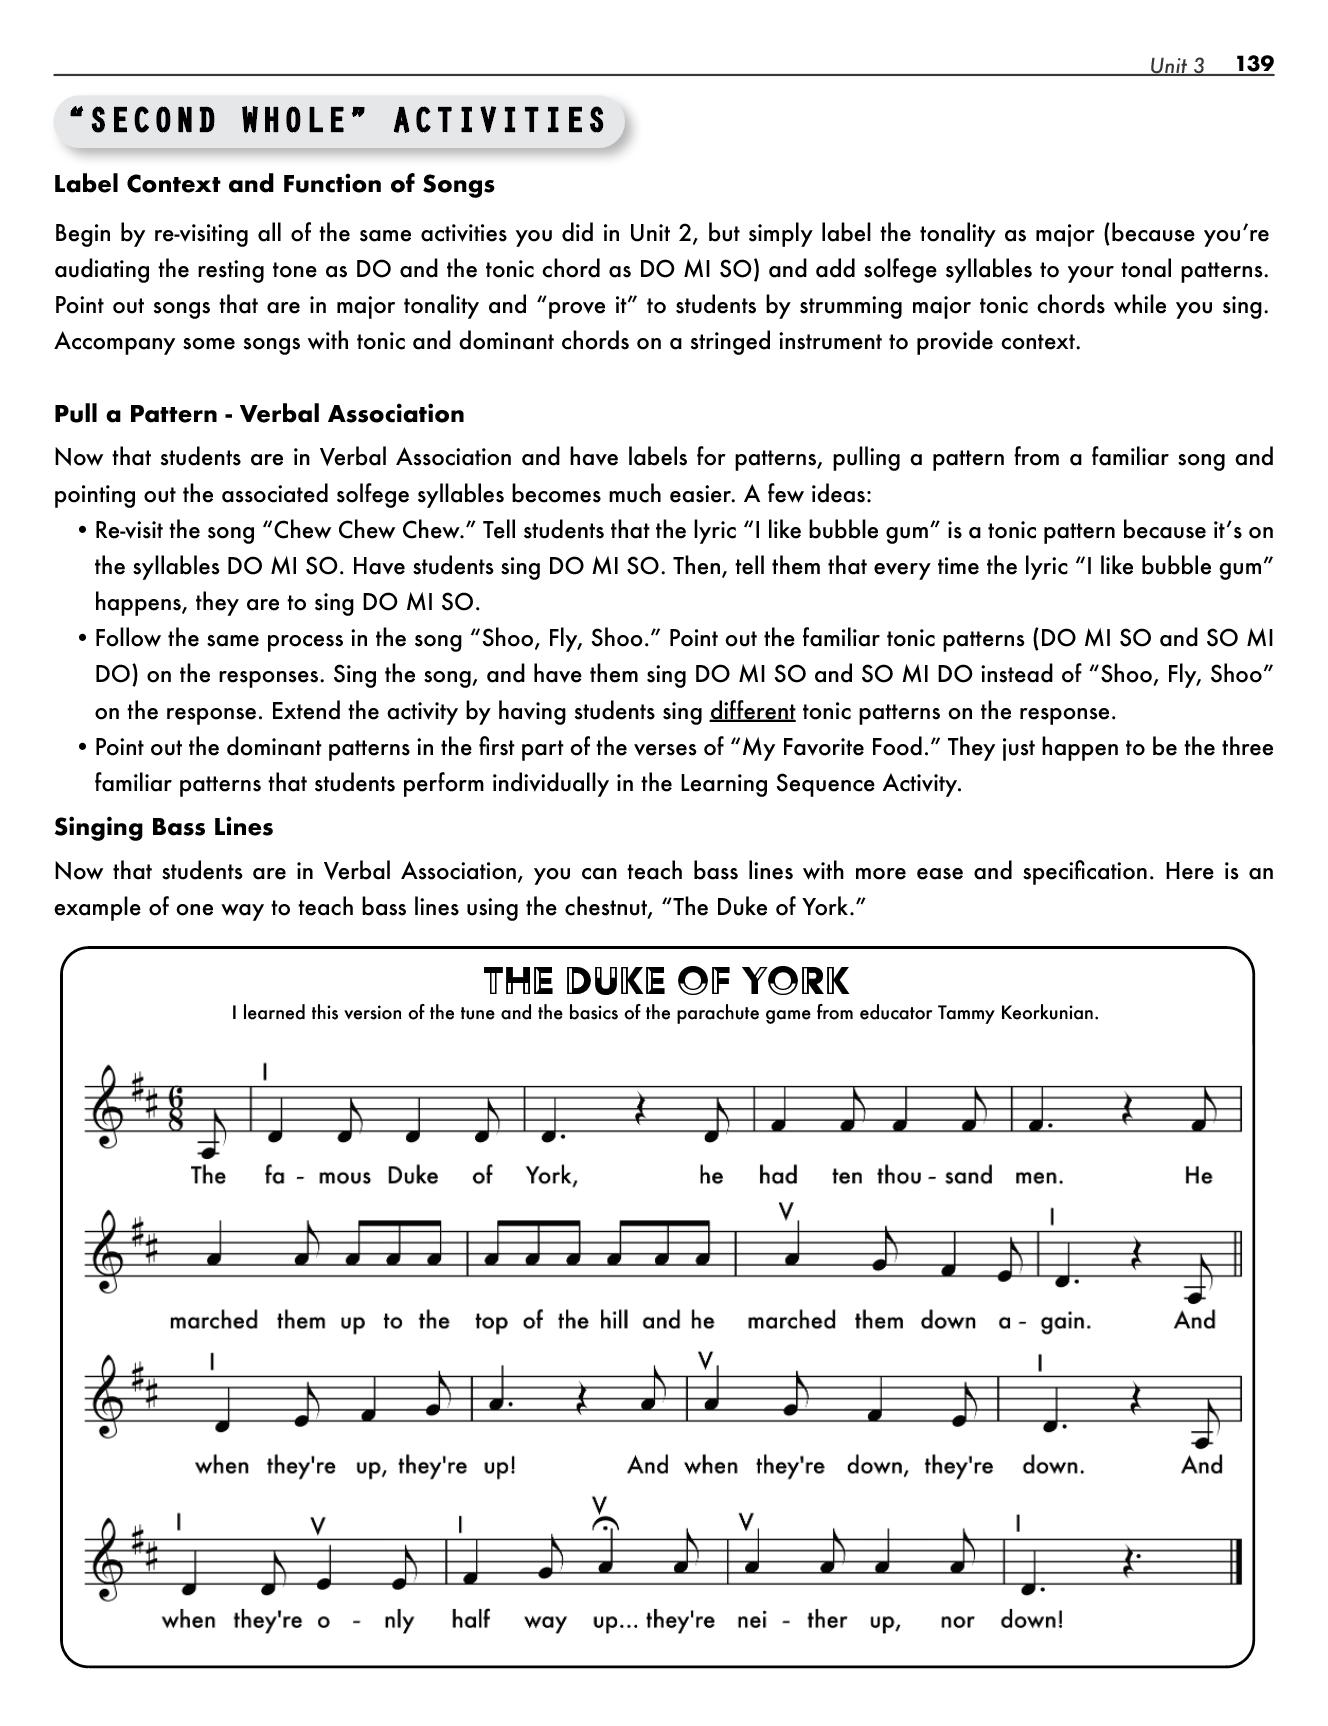 mlt any music teacher can dude8 - MLT Any Music Teacher Can Du…De